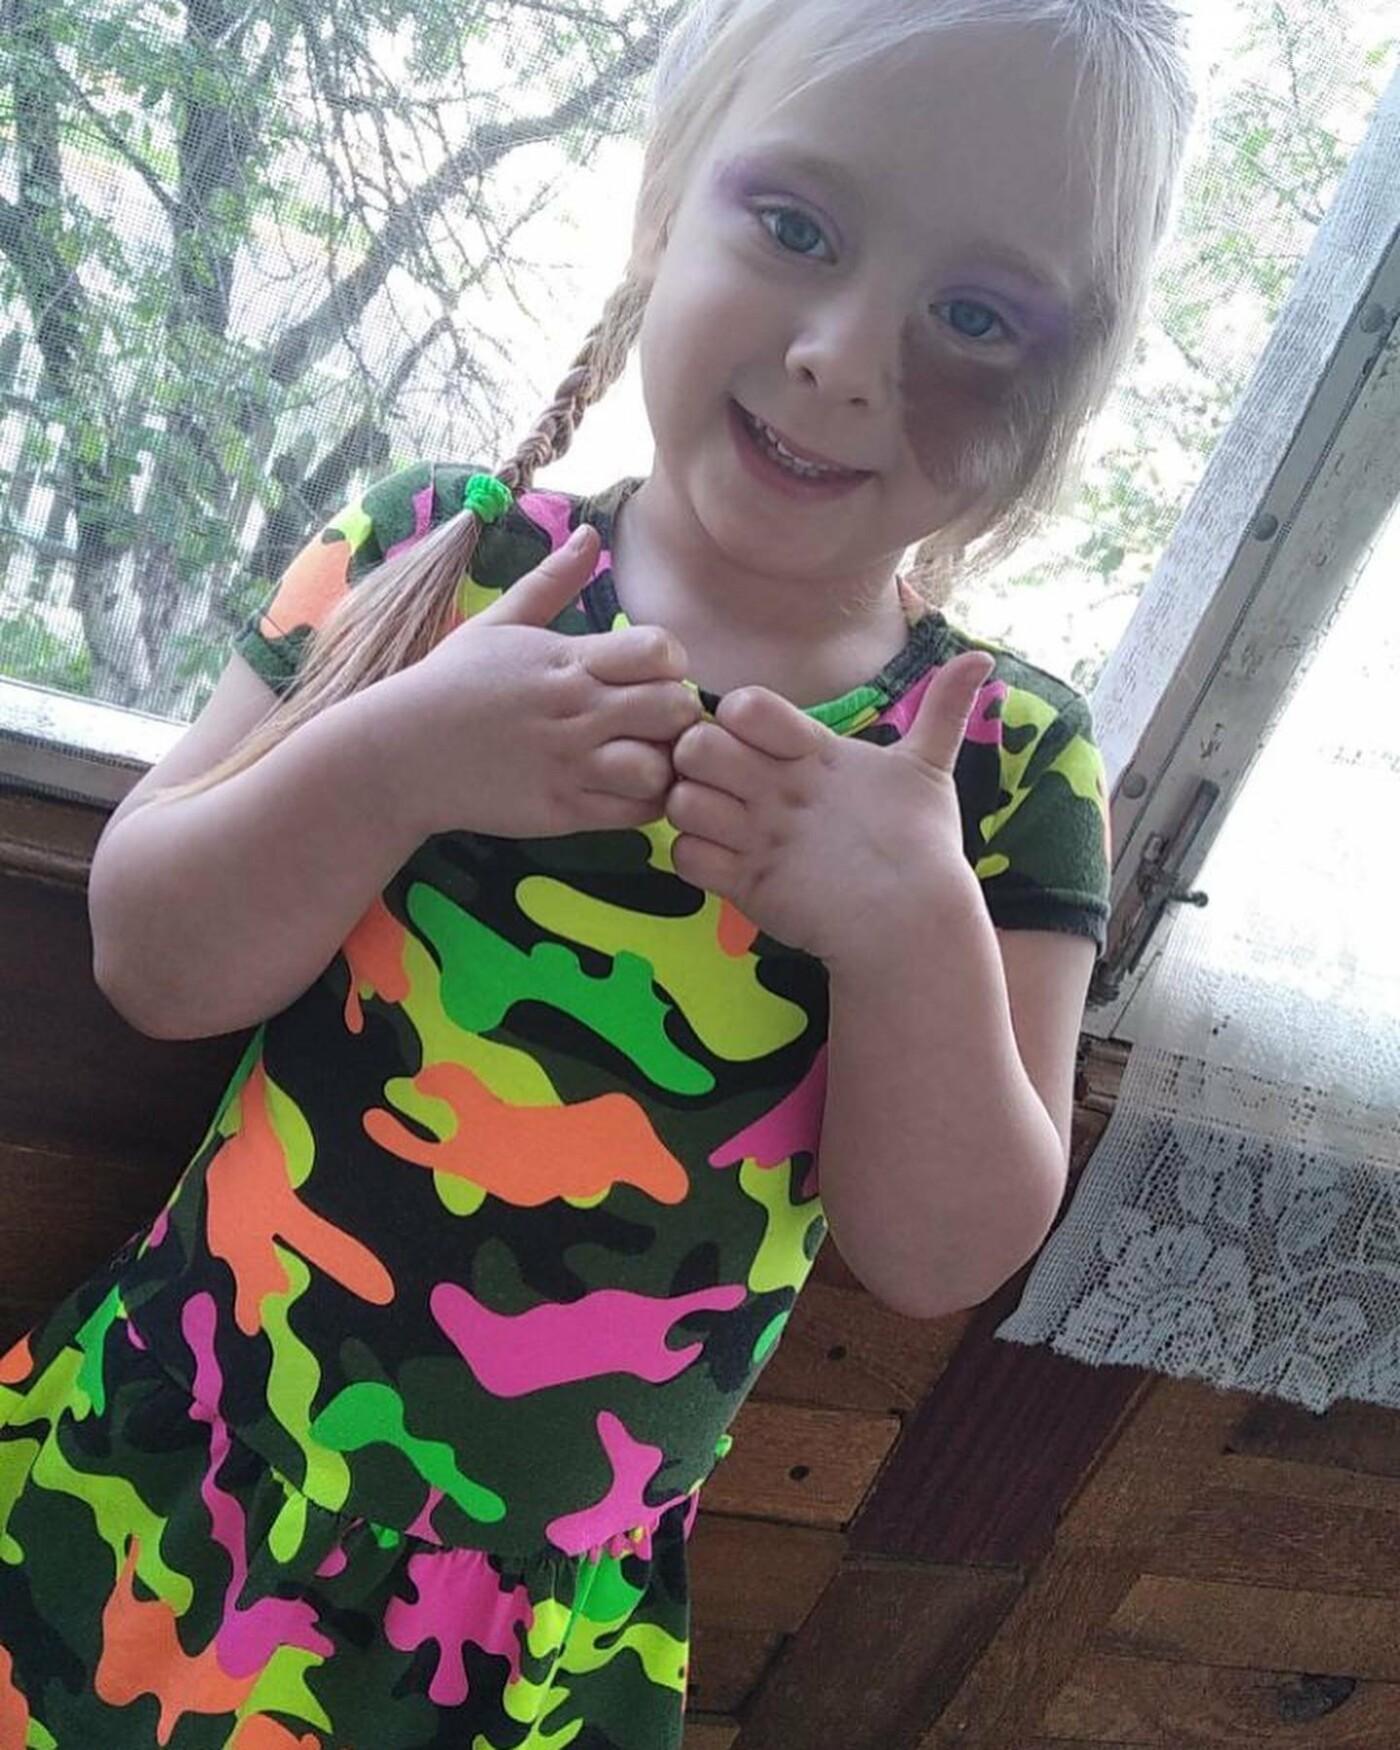 Врятуймо життя дитини: в Ірпені проведуть благодійний збір коштів для 4-річної Мілани, фото-3